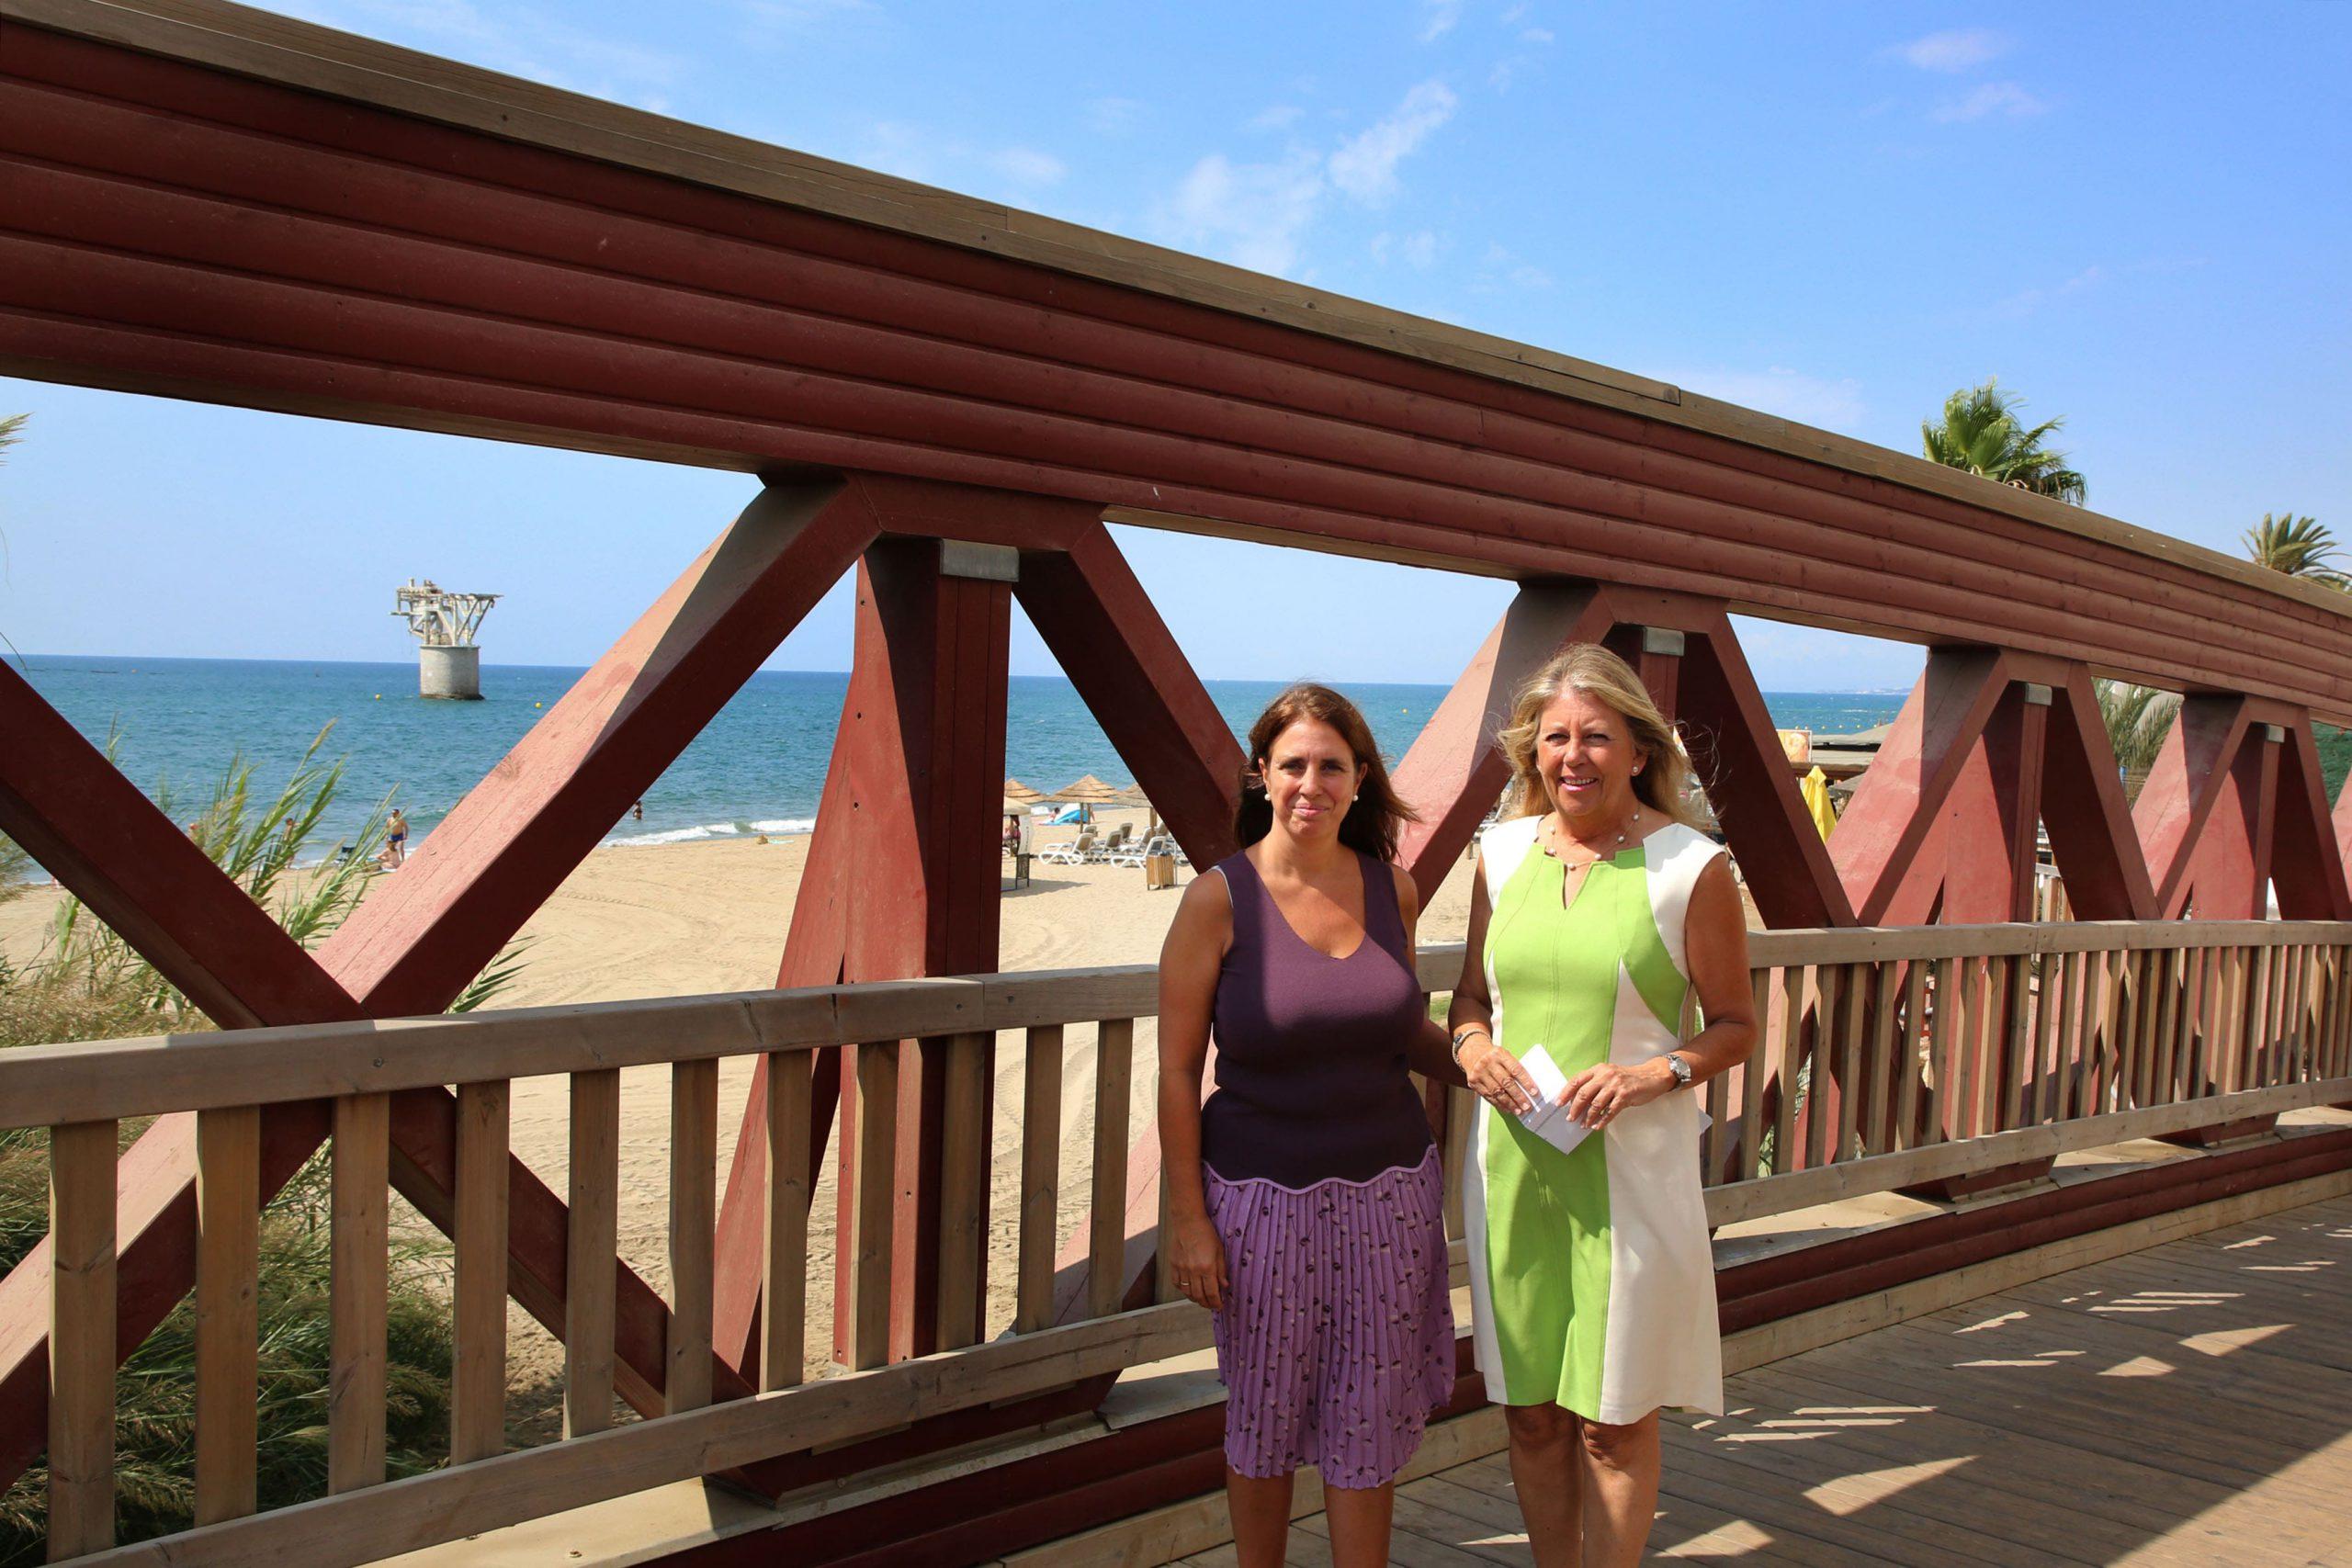 La alcaldesa destaca la inversión en el mantenimiento y socorrismo de las playas